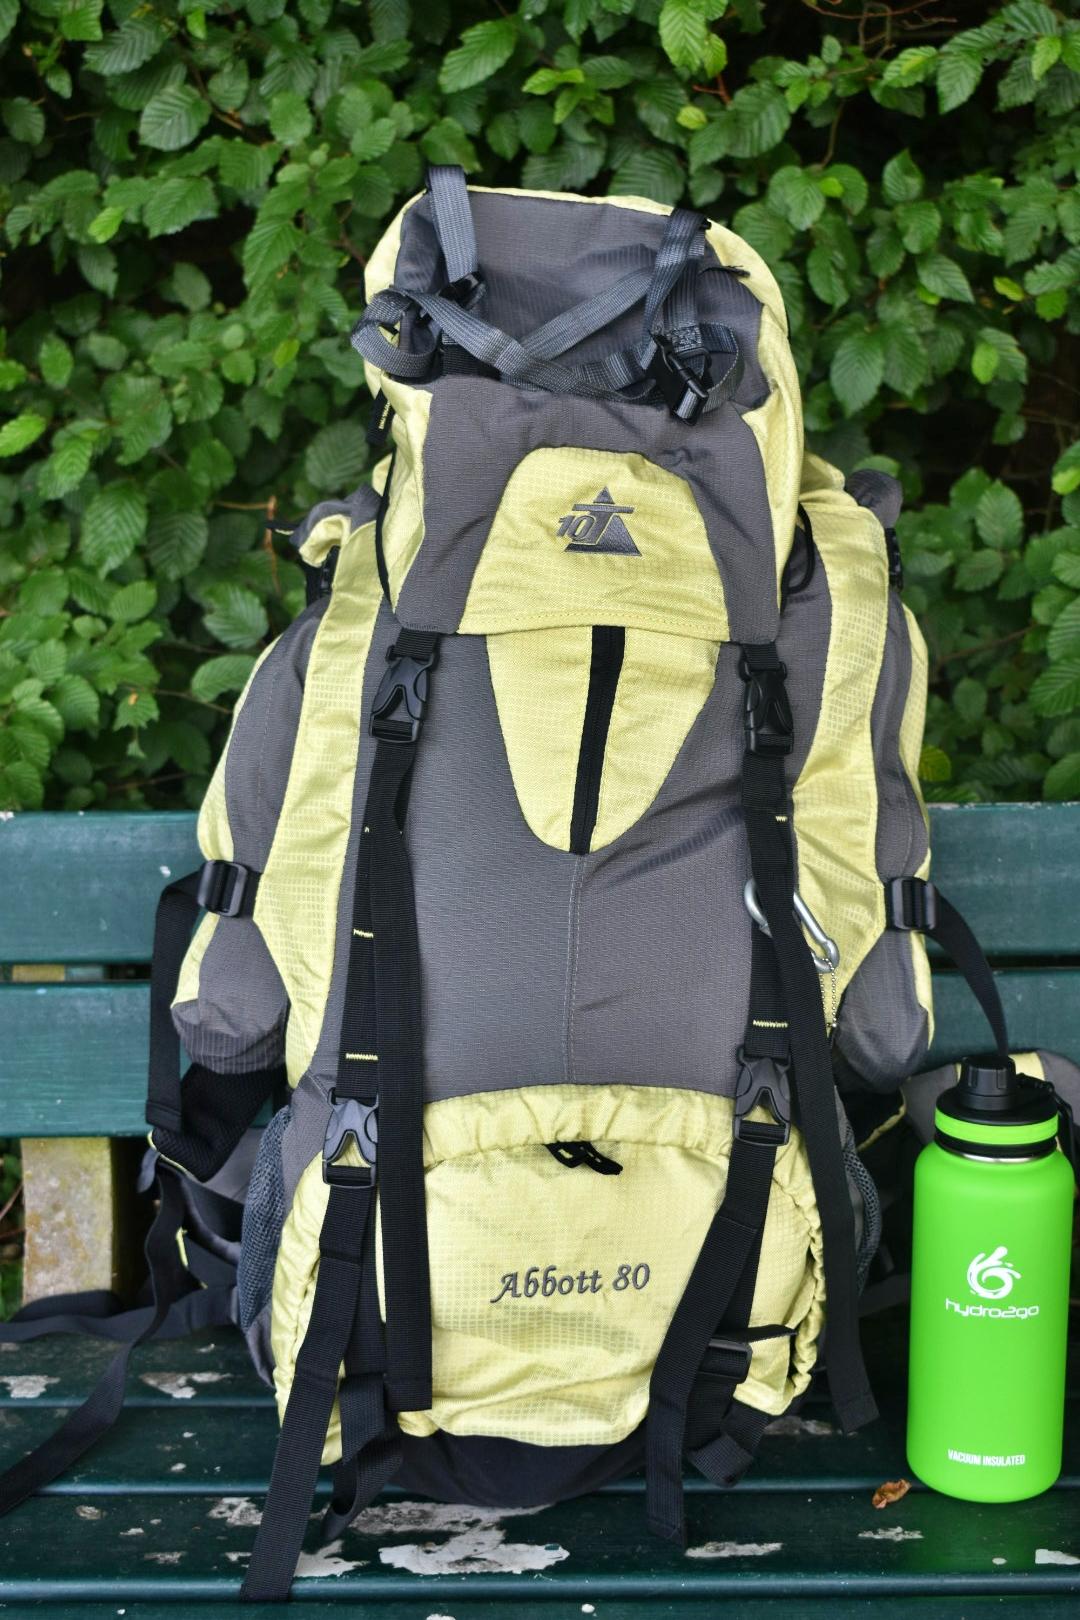 Der 10T Trekkingrucksack Abbott 80 ist ein guter Rucksack für kleines Geld